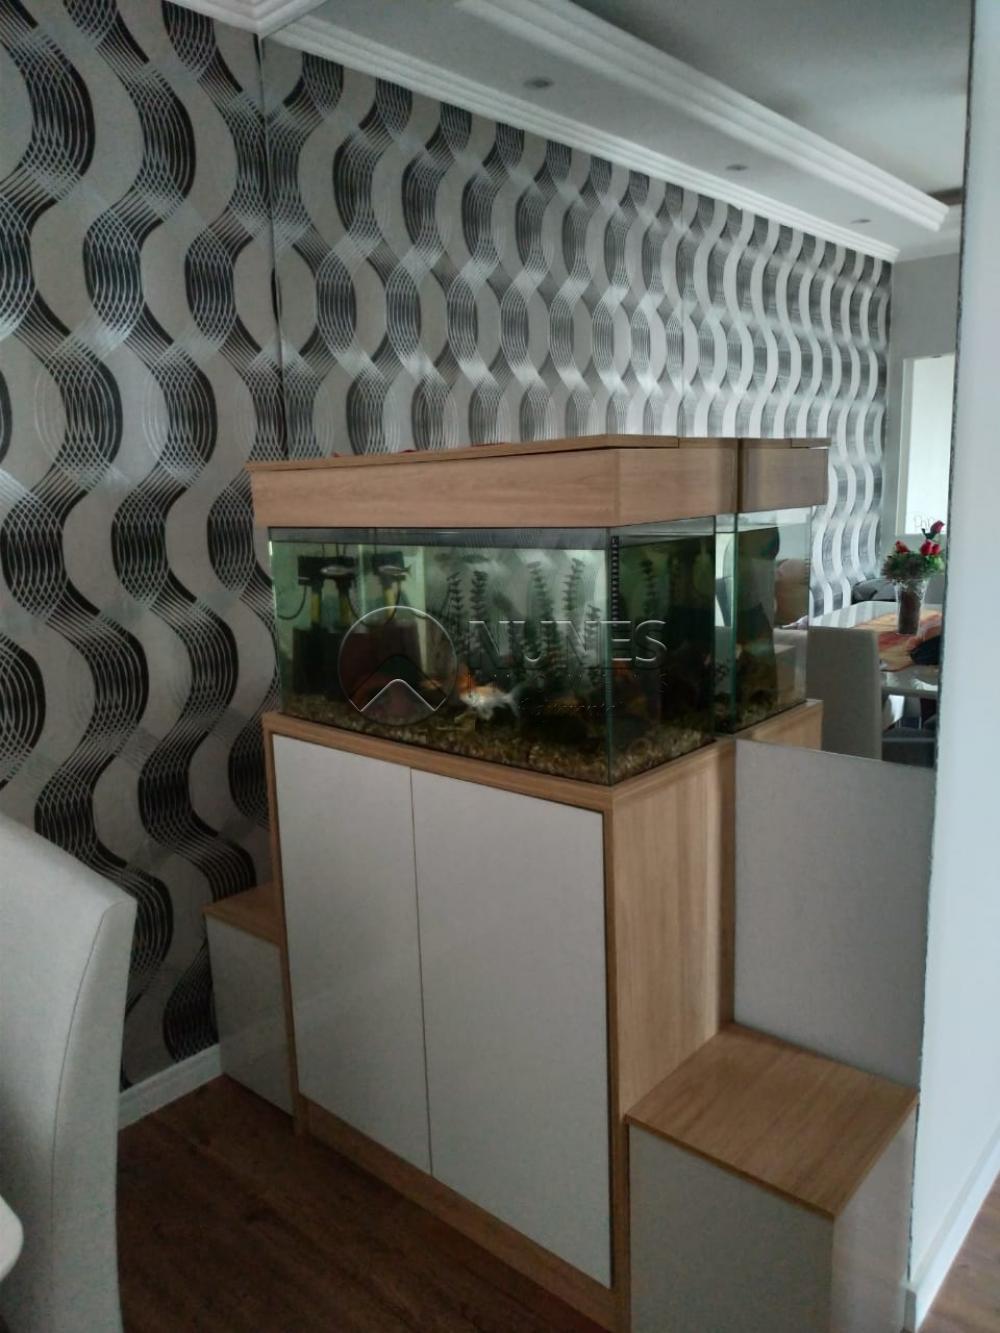 Comprar Apartamento / Padrão em Osasco apenas R$ 375.000,00 - Foto 7